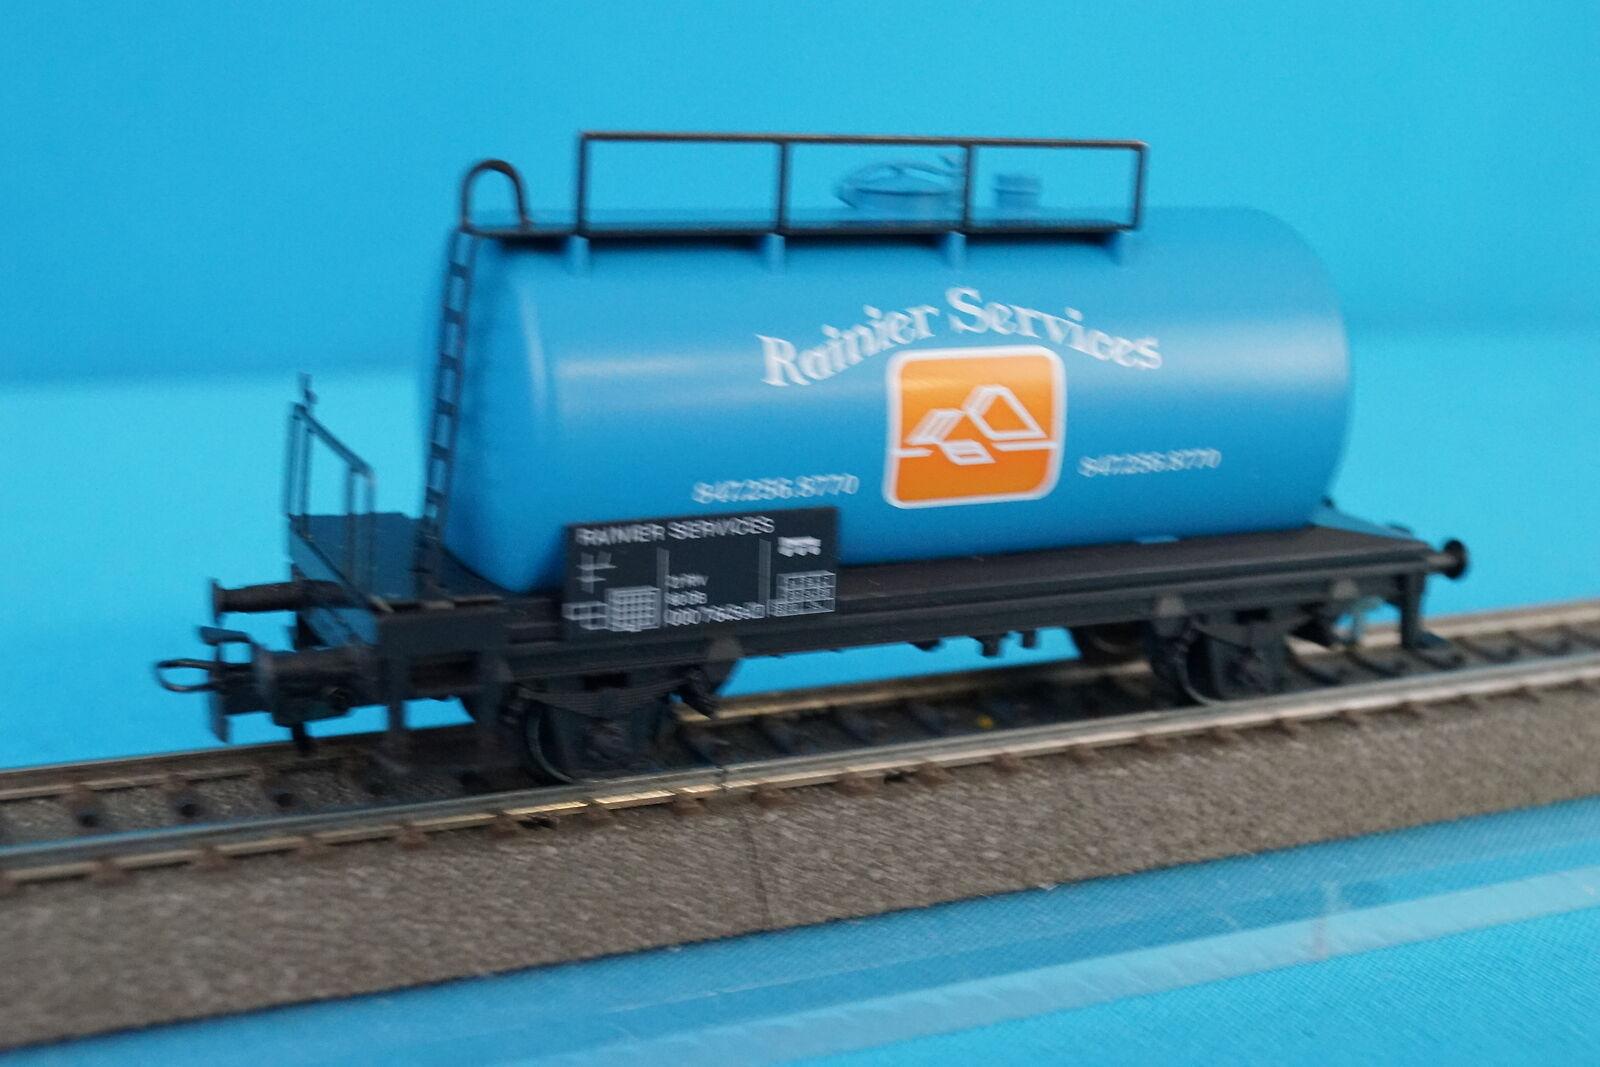 Marklin 4441014 Tanker auto blu RAINIER SERVICES 1997 USA